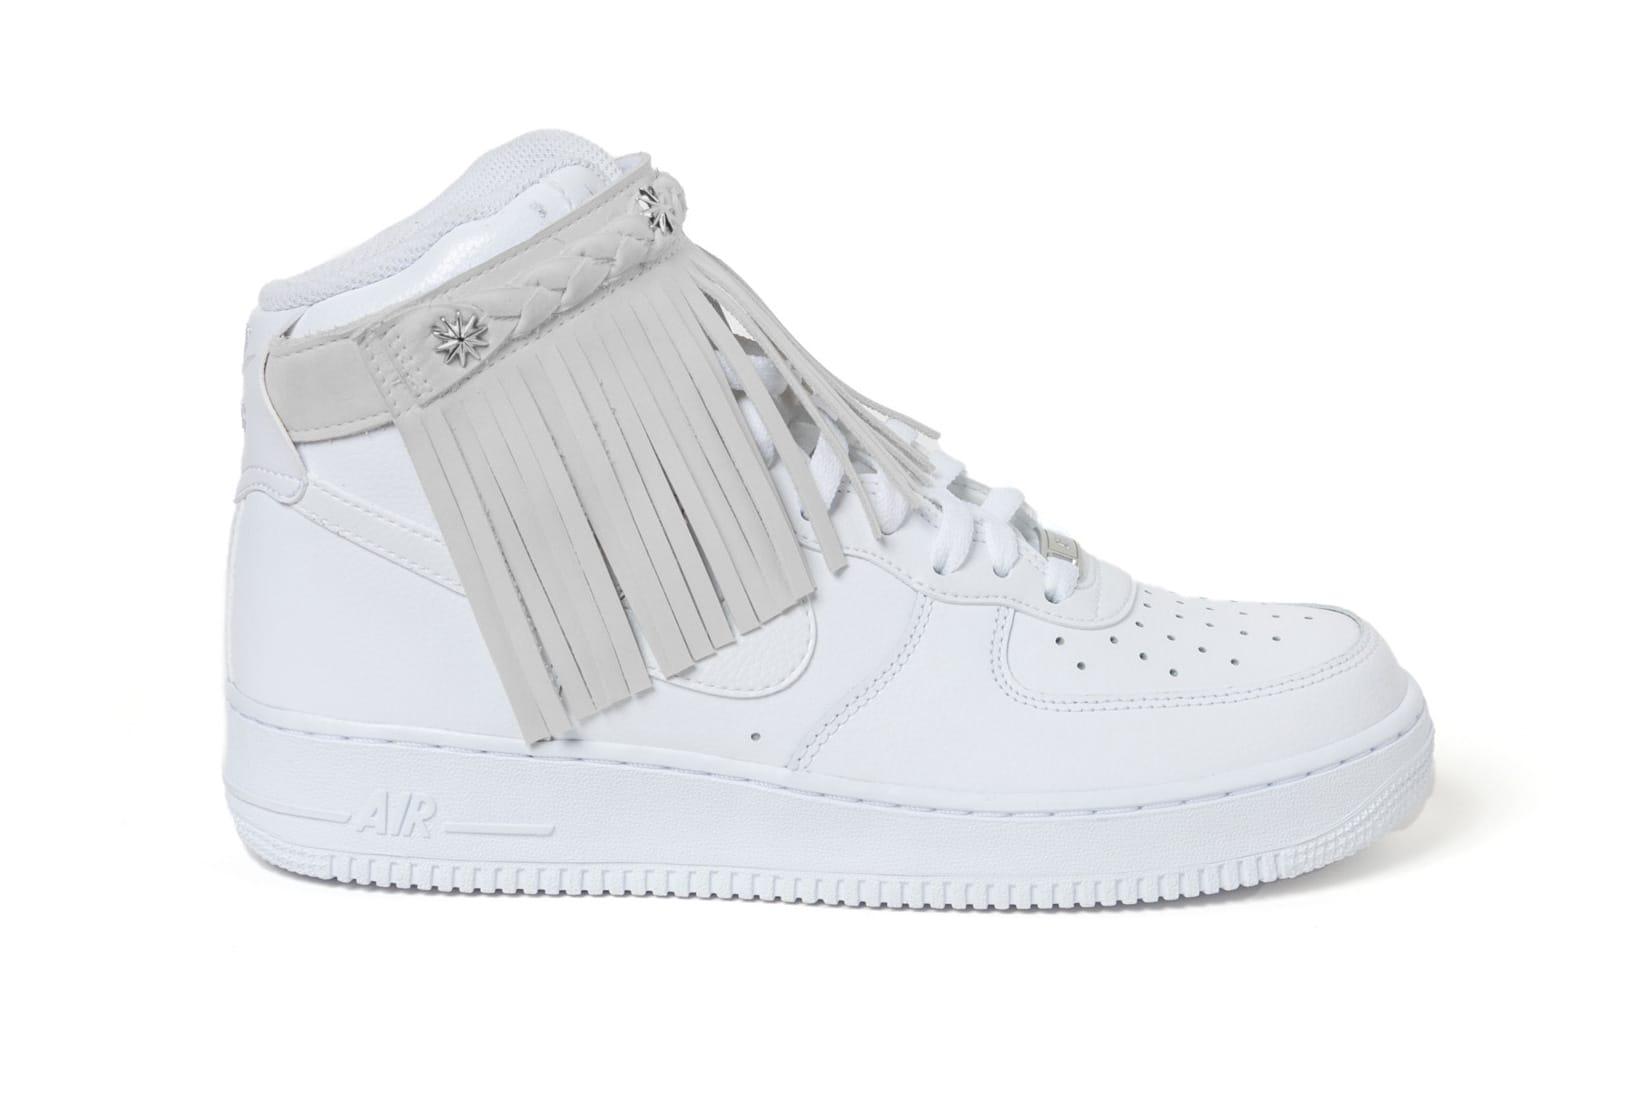 Sacai x Nike Air Force 1 Lane Crawford